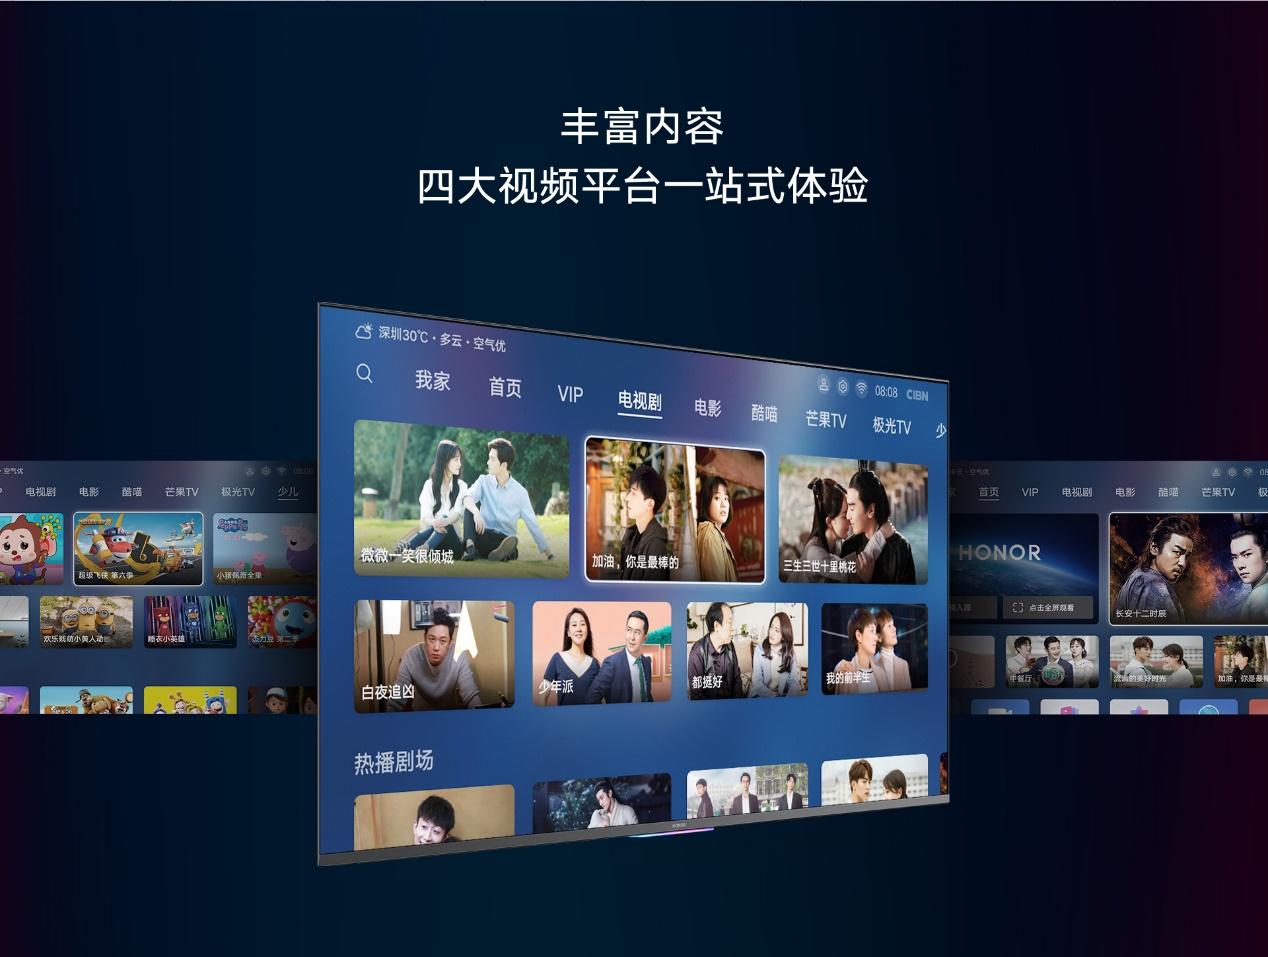 智慧屏五大标准获用户认可,荣耀智慧屏斩获双平台电视销售额冠军